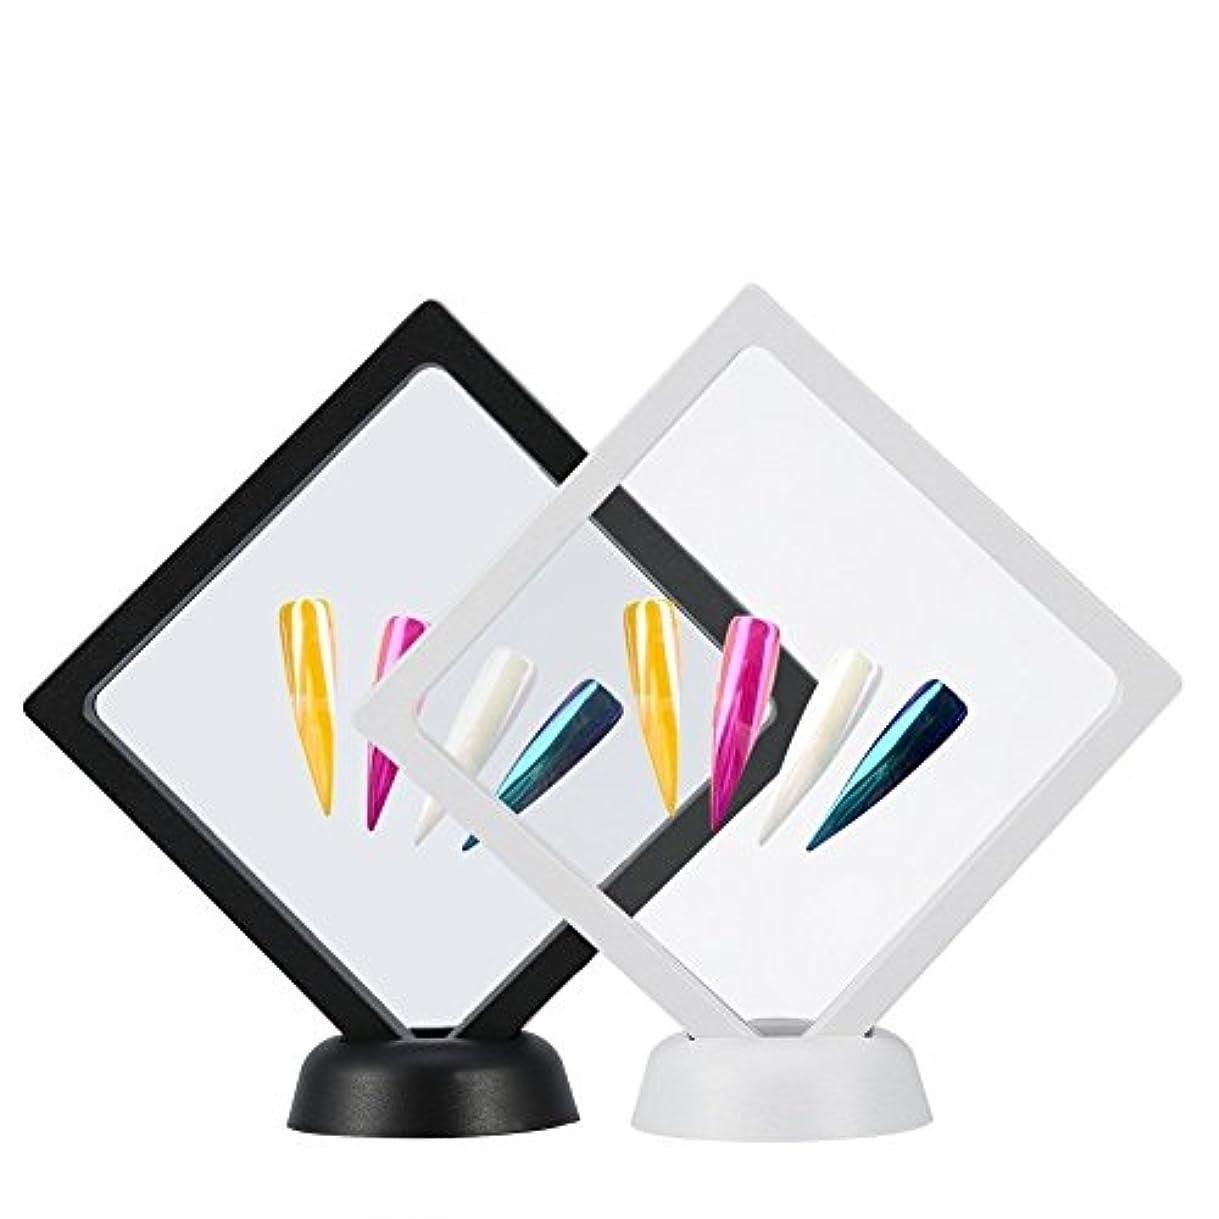 ブラウズ雲肌寒いYosoo 2個入り ネイルチップ ディスプレイ スタンド マニキュア ネイルサンプル ホルダー ネイルカラーチャート ネイルテンプレート ネイルケア ネイルアートツール 組立て式 白+黒 展示用 自宅 サロン